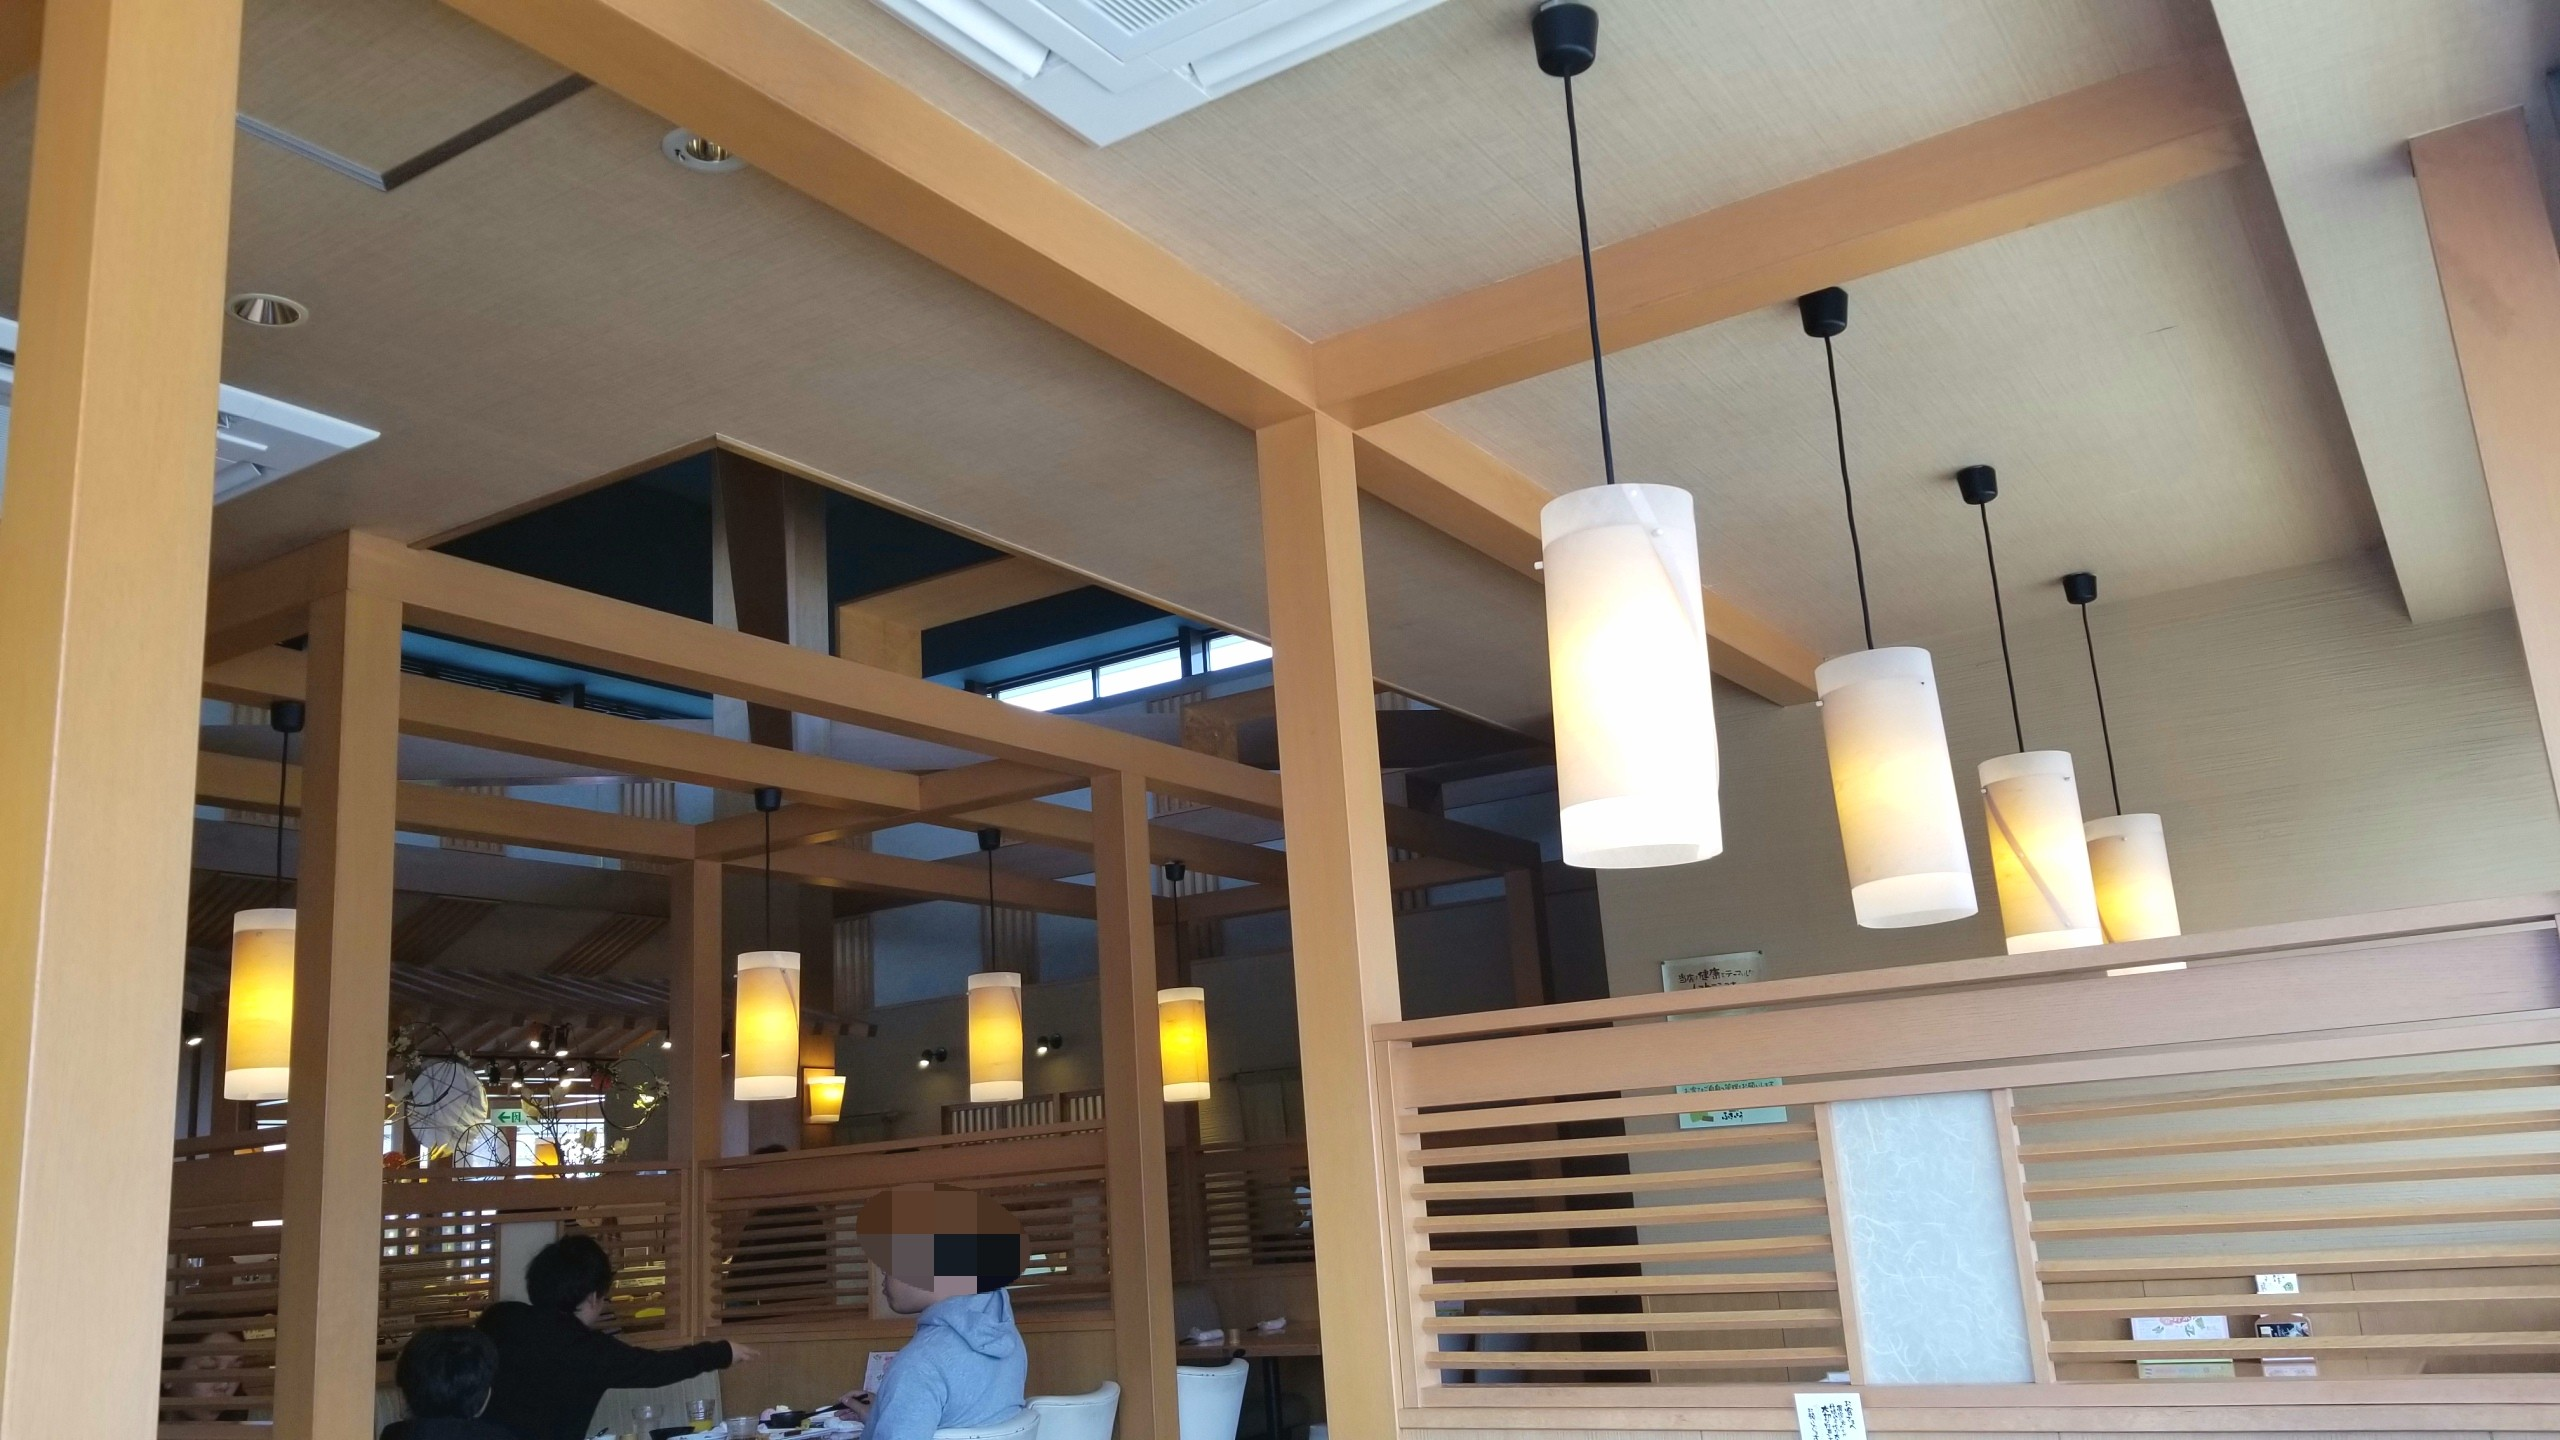 愛媛県松山市おすすめ人気ヘルシー薄味美味しいバイキング食べ放題